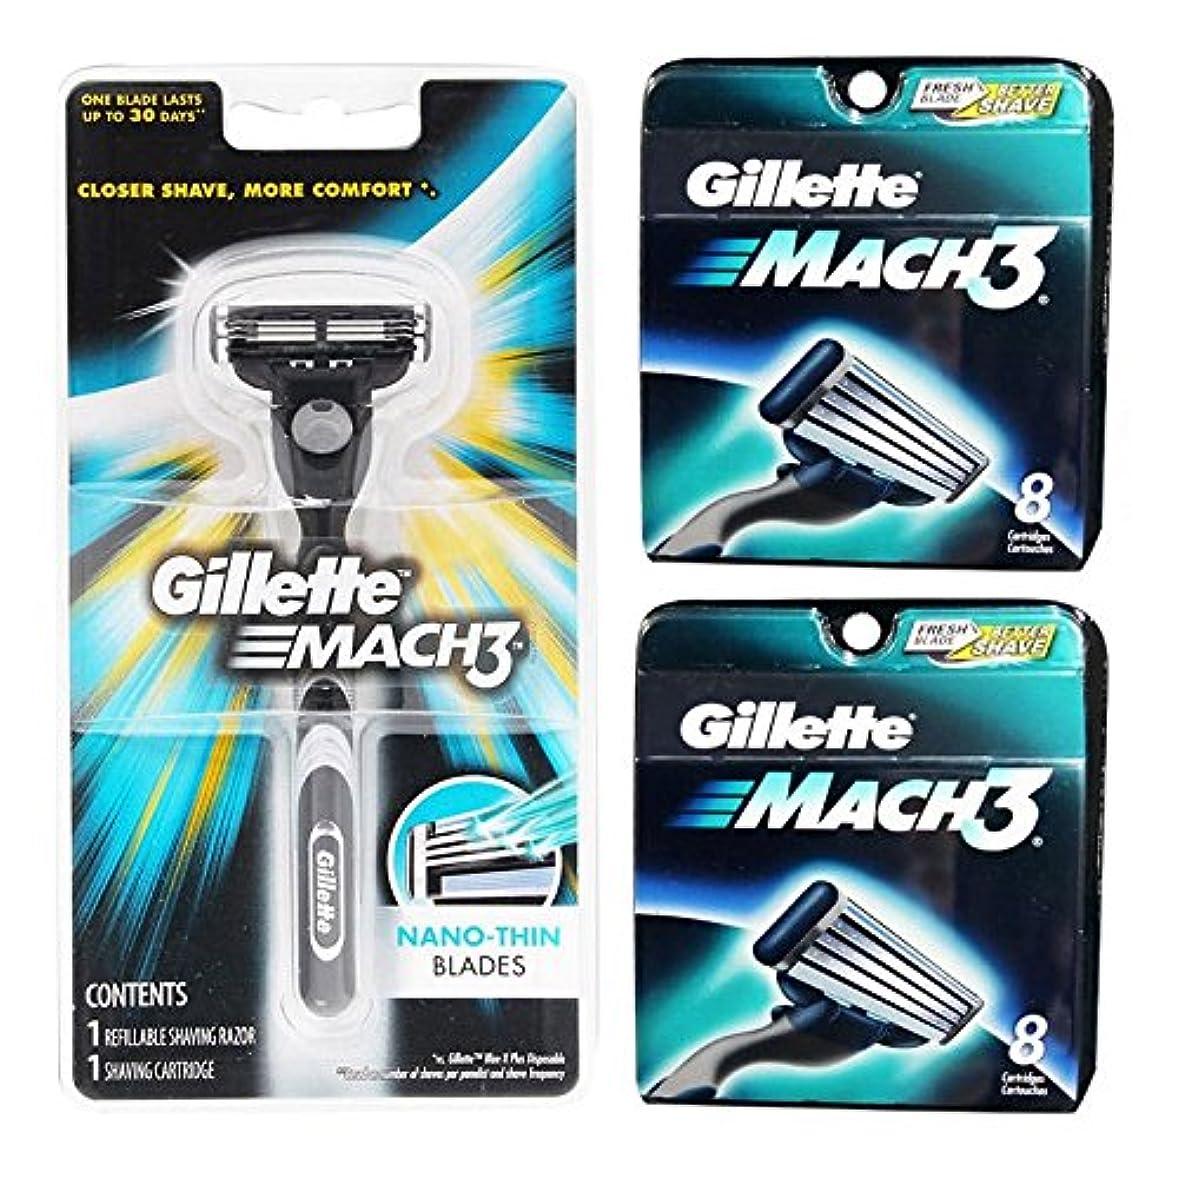 言語直感バルブGillette MACH3 1 Razor + 16 Cartridges Refills Blade ダイヤモンドのようなコートド [並行輸入品]